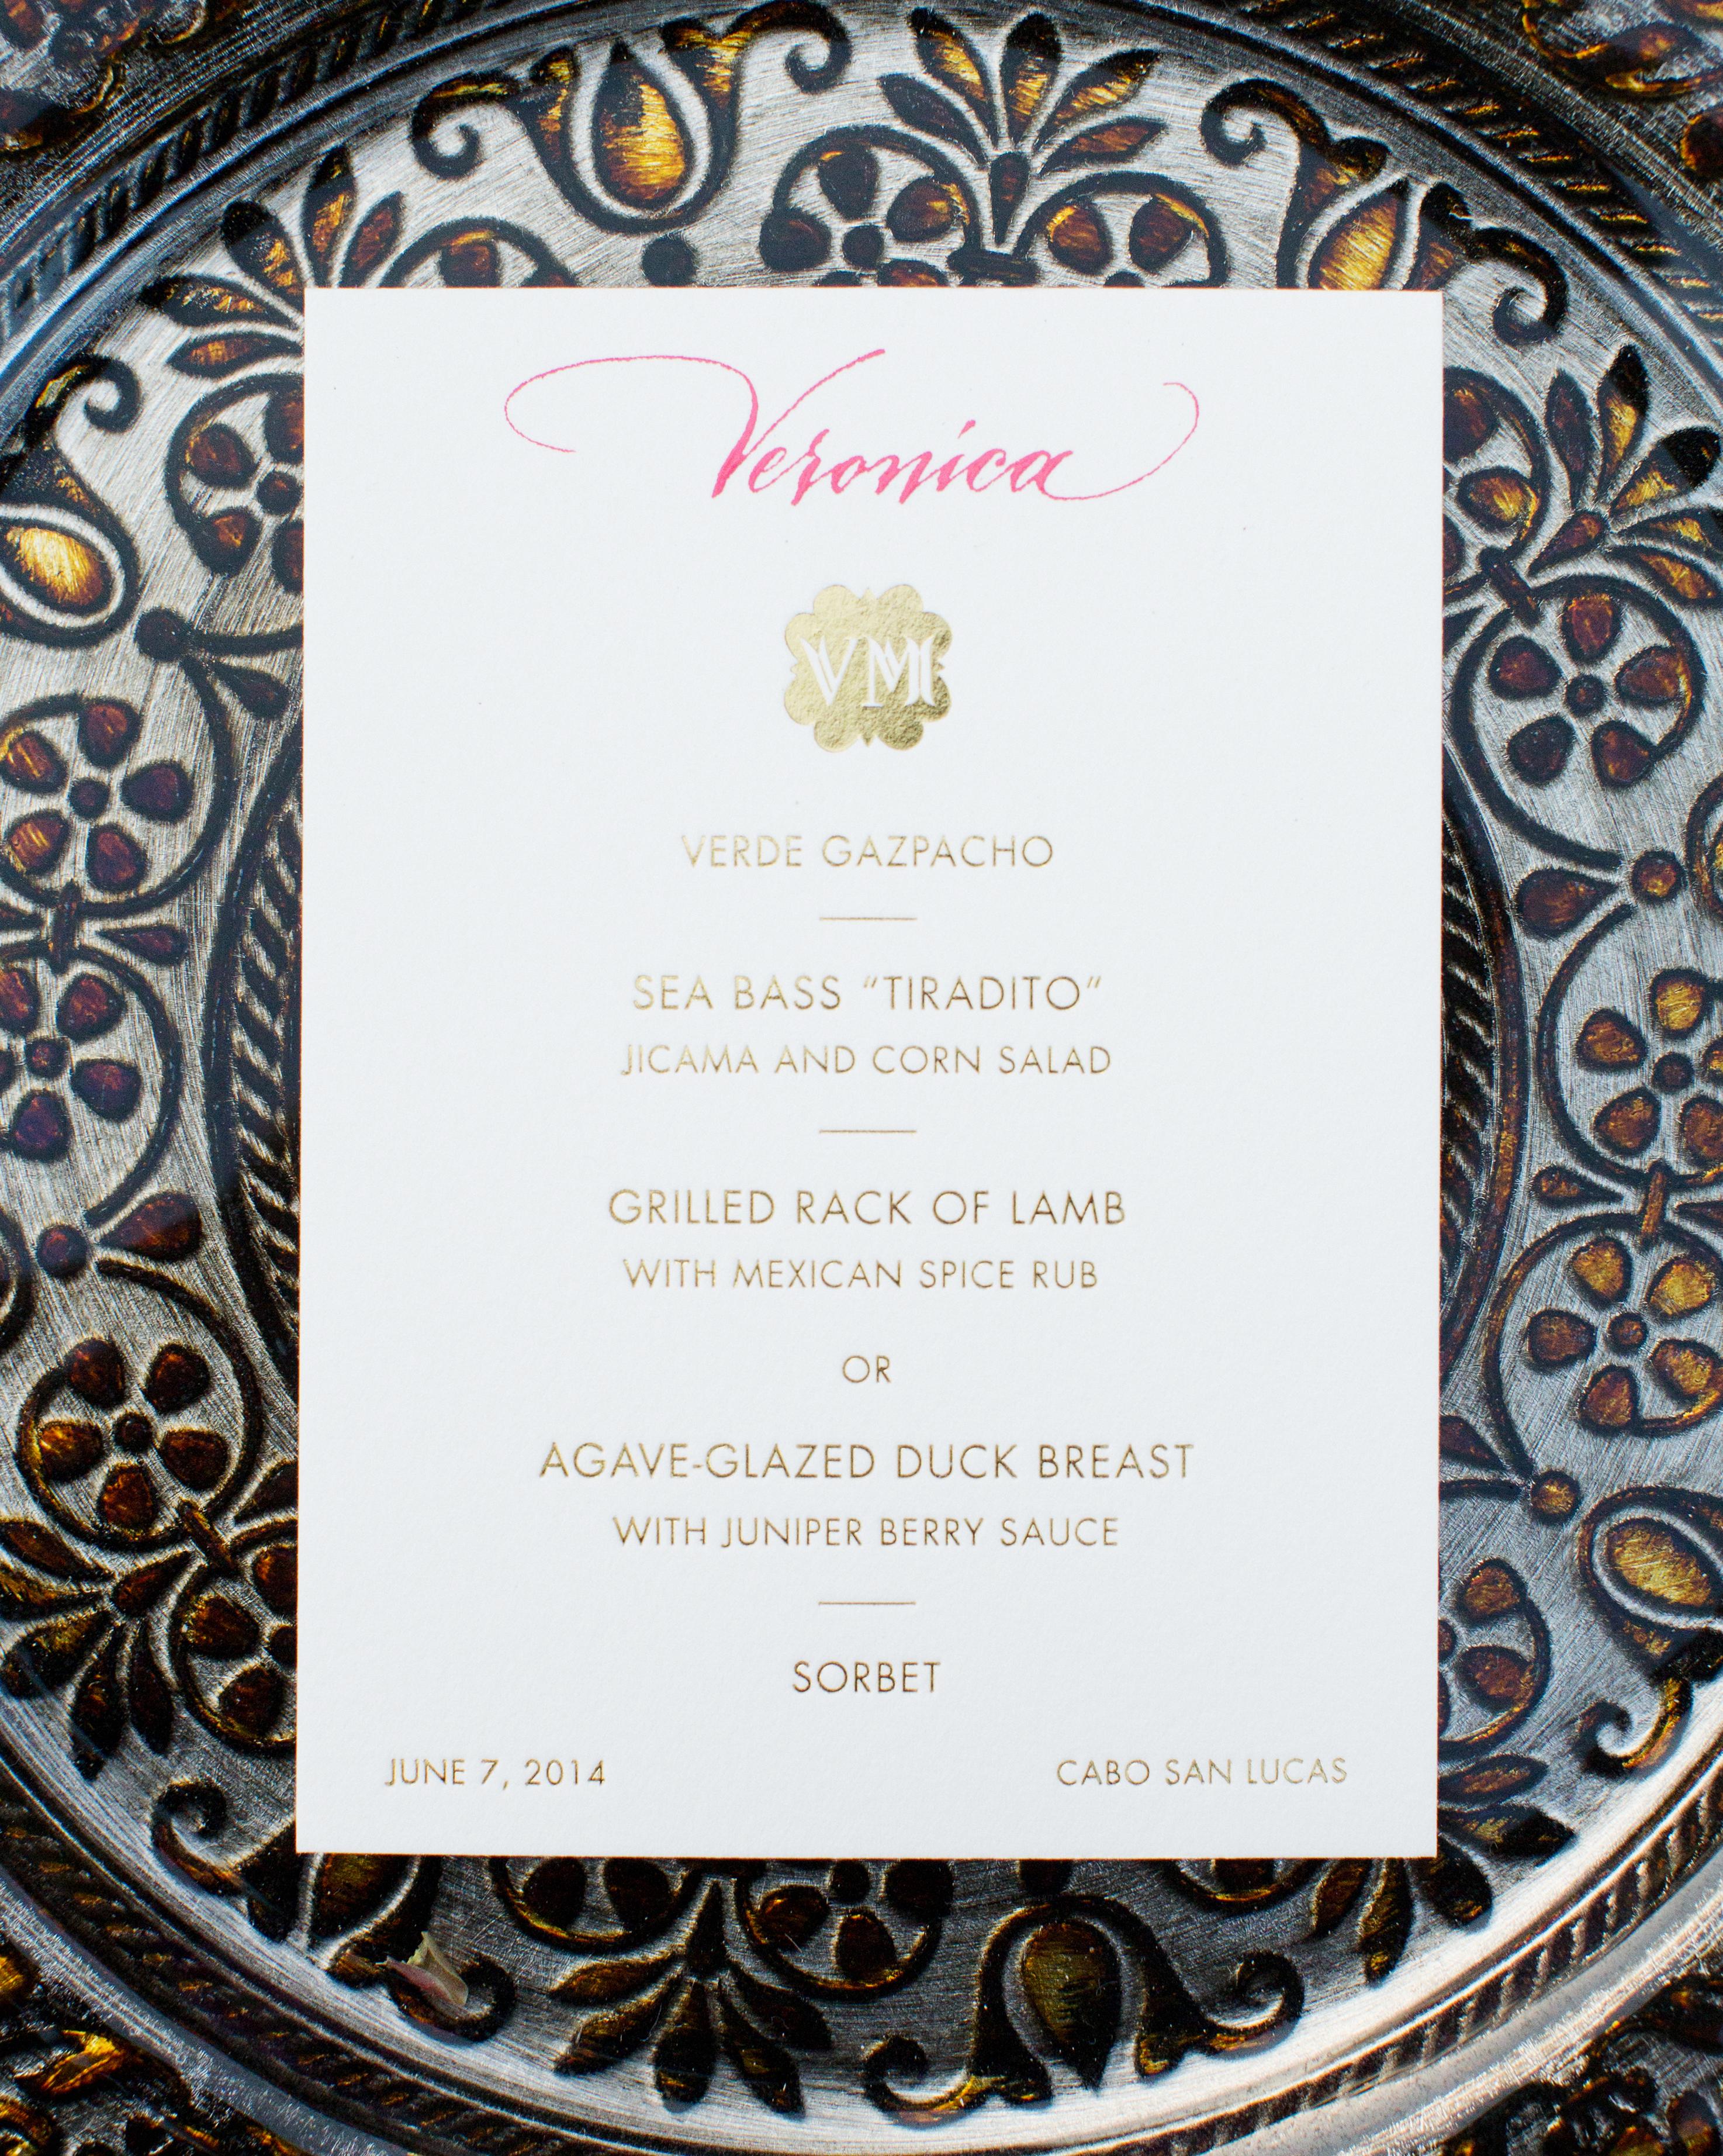 veronica-mathieu-wedding-menu-1023-s111501-1014.jpg